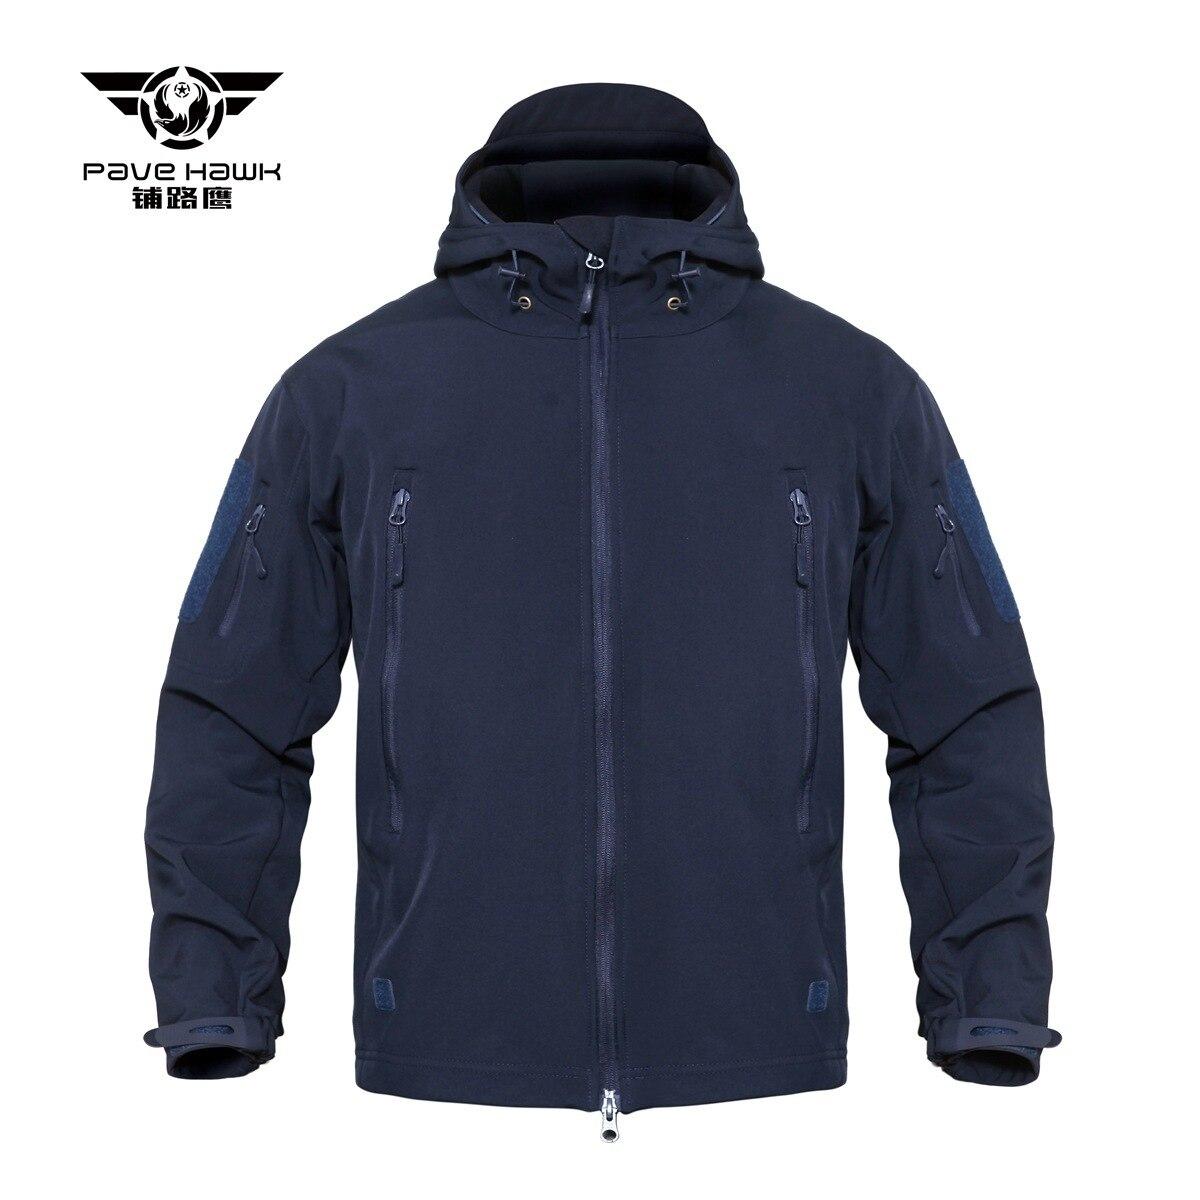 5XL Men Women Winter Warm Camo Jacket Outdoor Fishing Climbing Riding Travel Army Training Waterproof Fleece Hoody Tactical Coat|Hiking Jackets| |  - title=